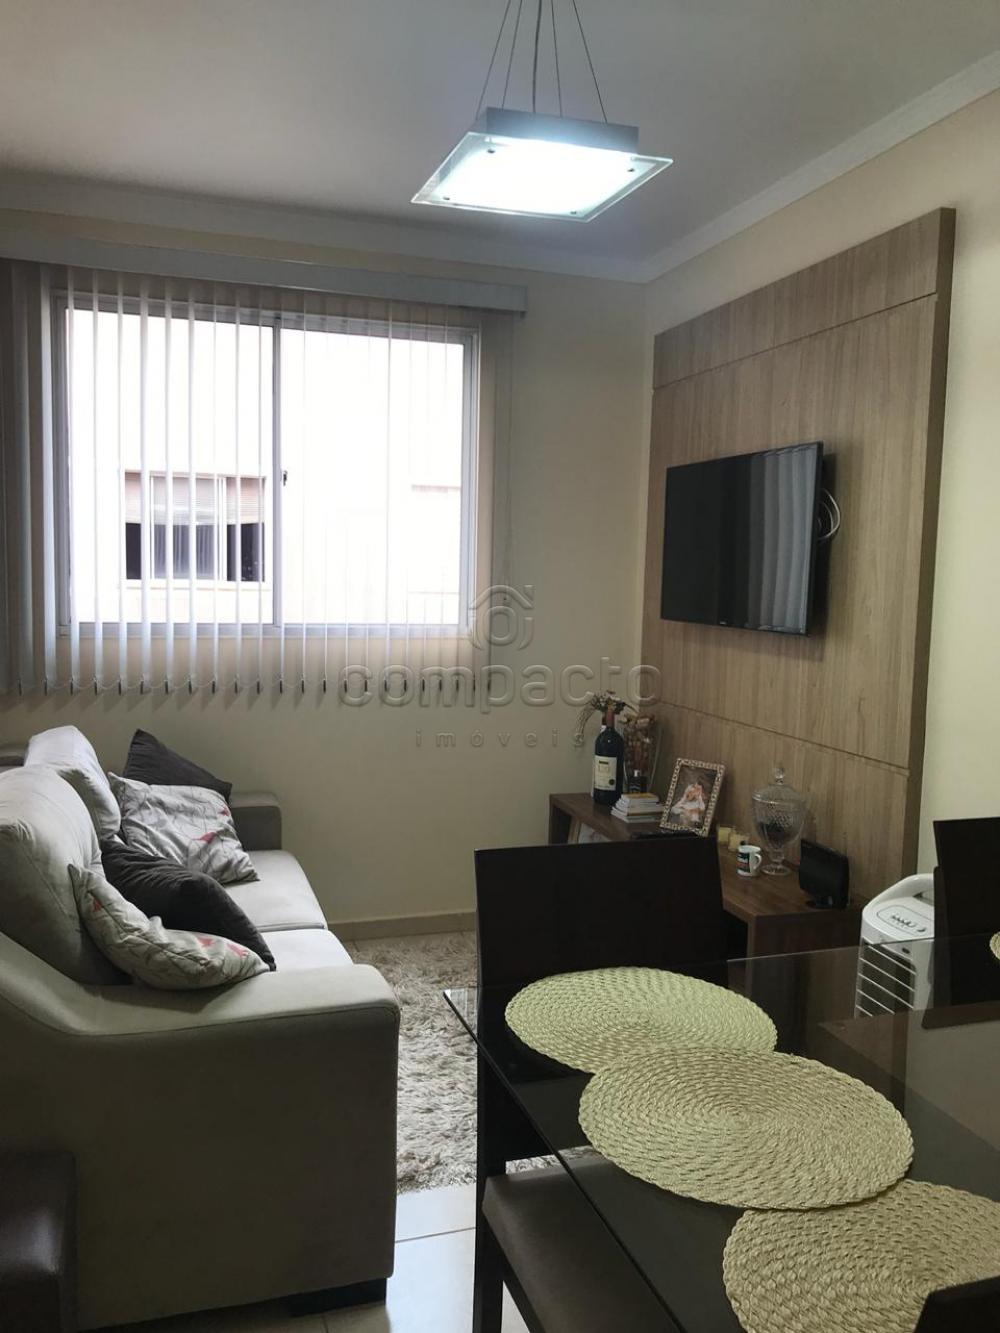 Alugar Apartamento / Padrão em São José do Rio Preto apenas R$ 800,00 - Foto 10